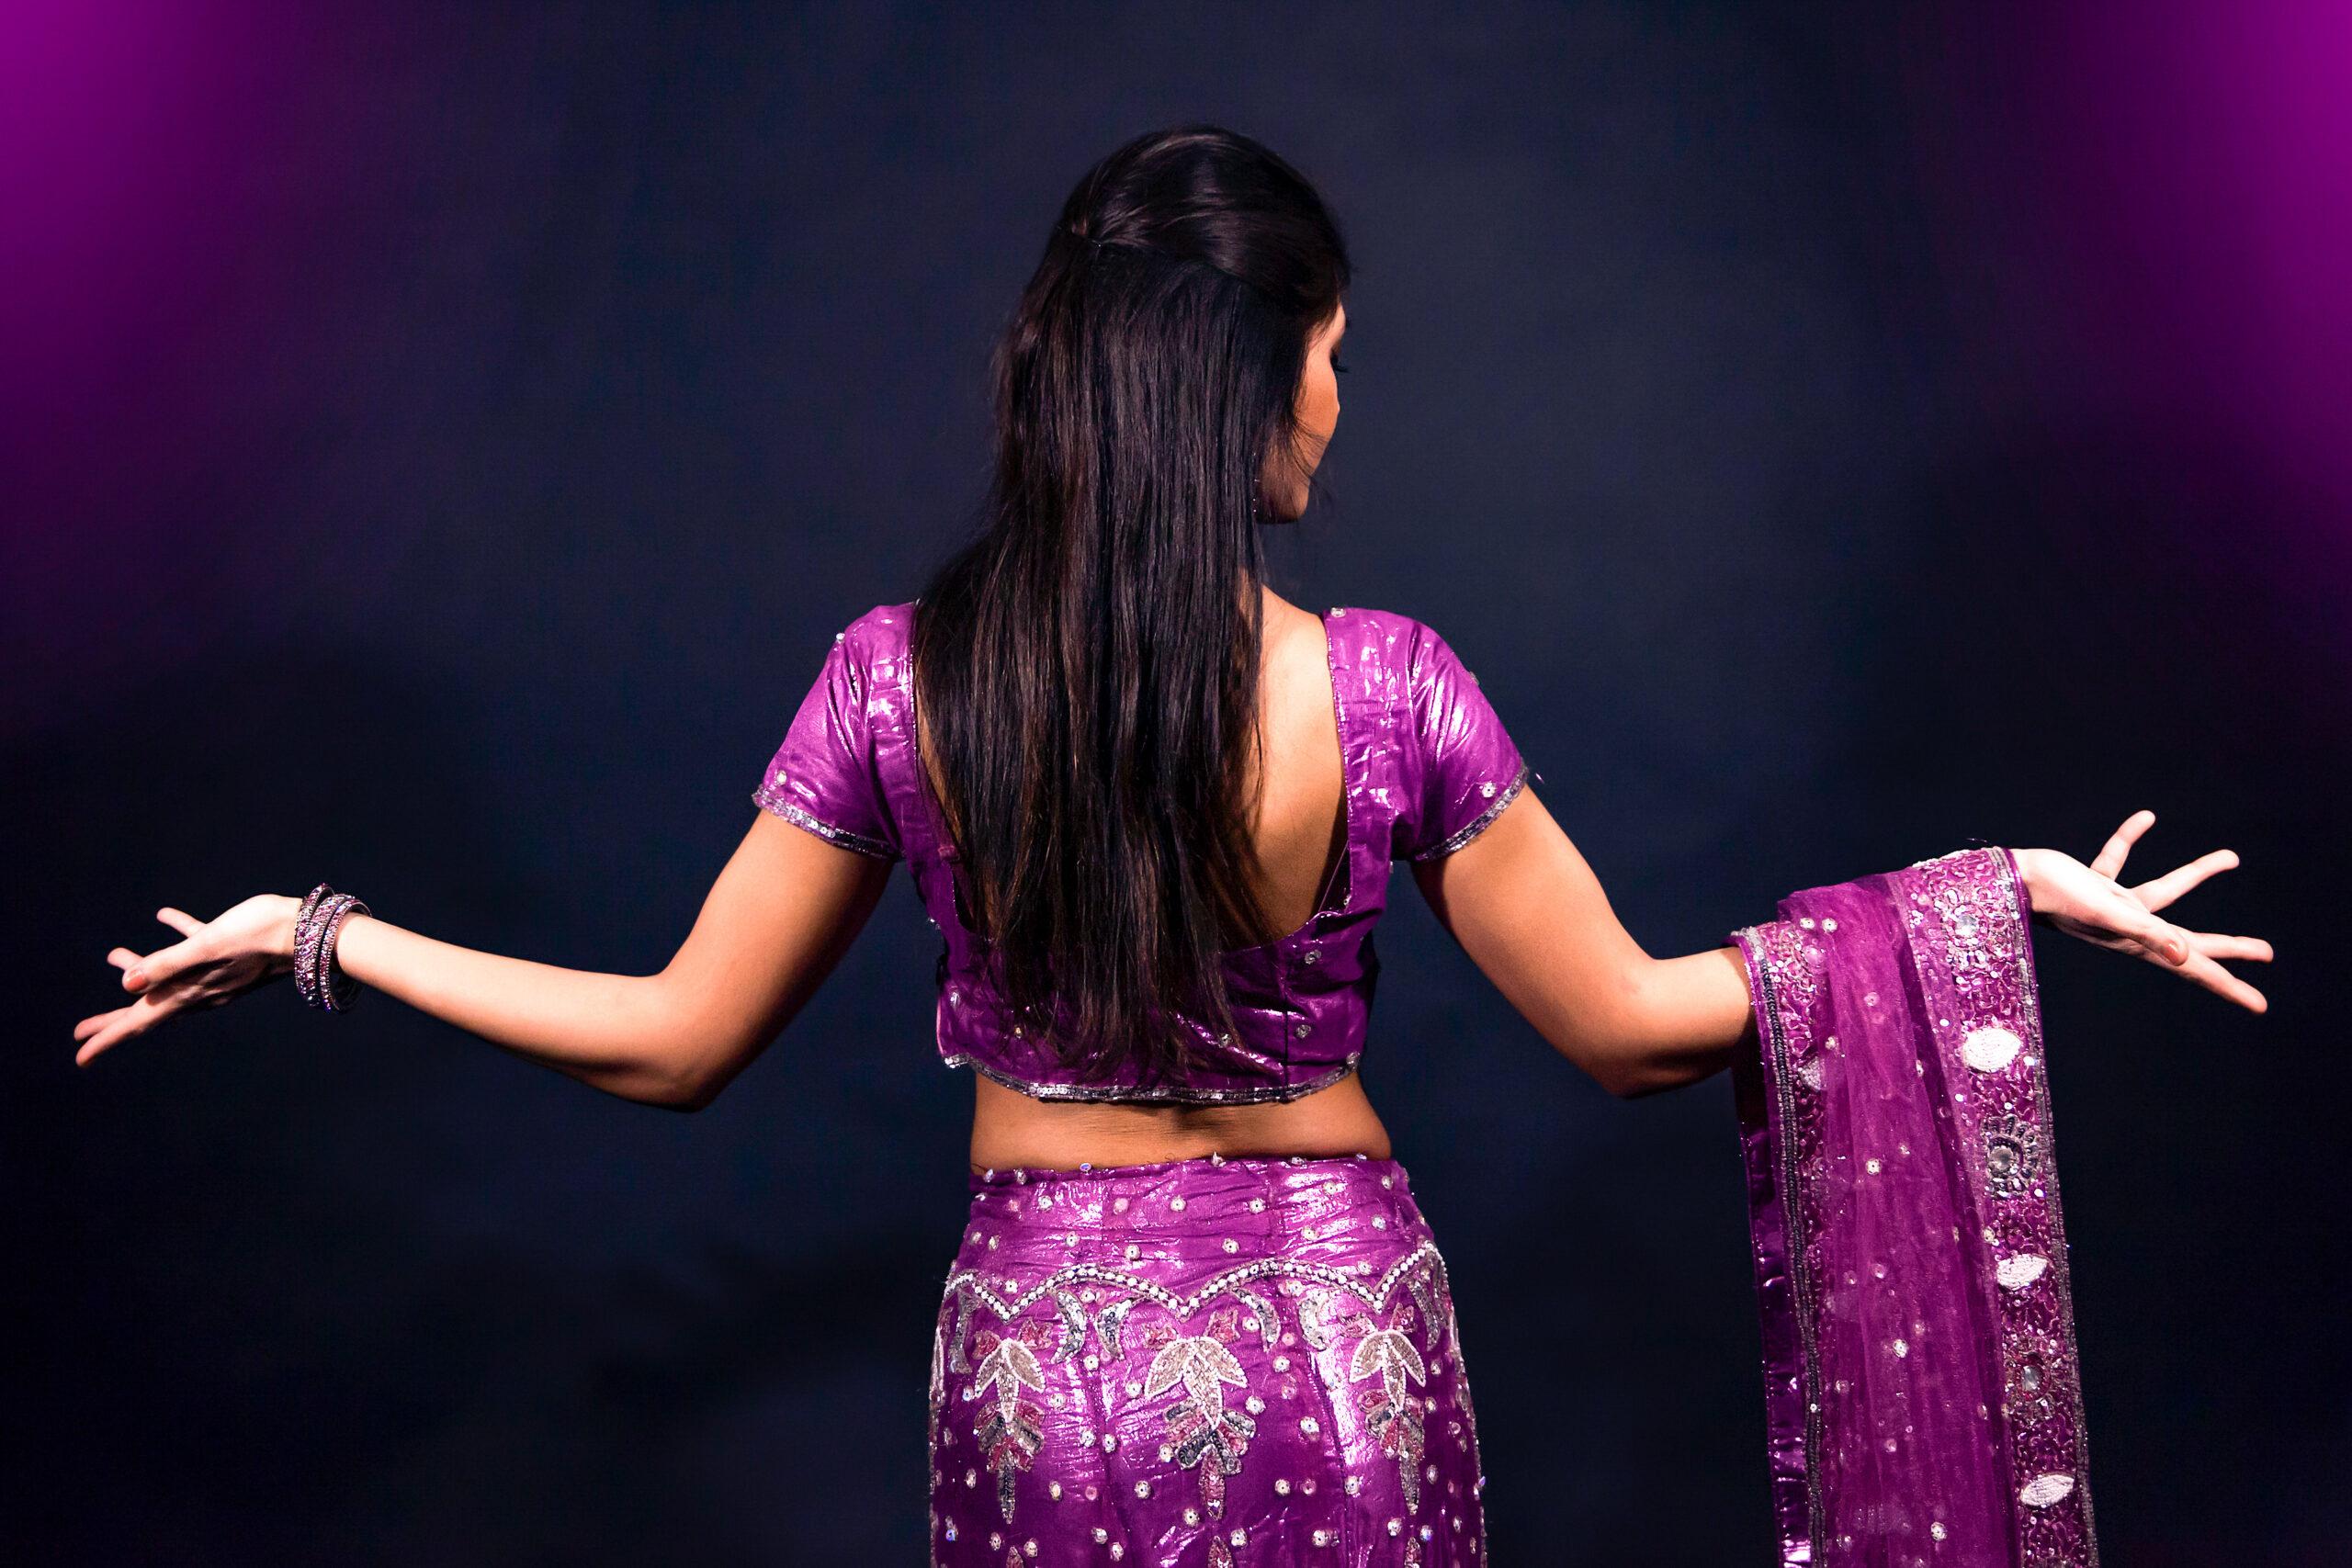 Tanzstunden orientalischer Tanz mit Corinne Stillhard bei Vipfitstyle in Albisrieden